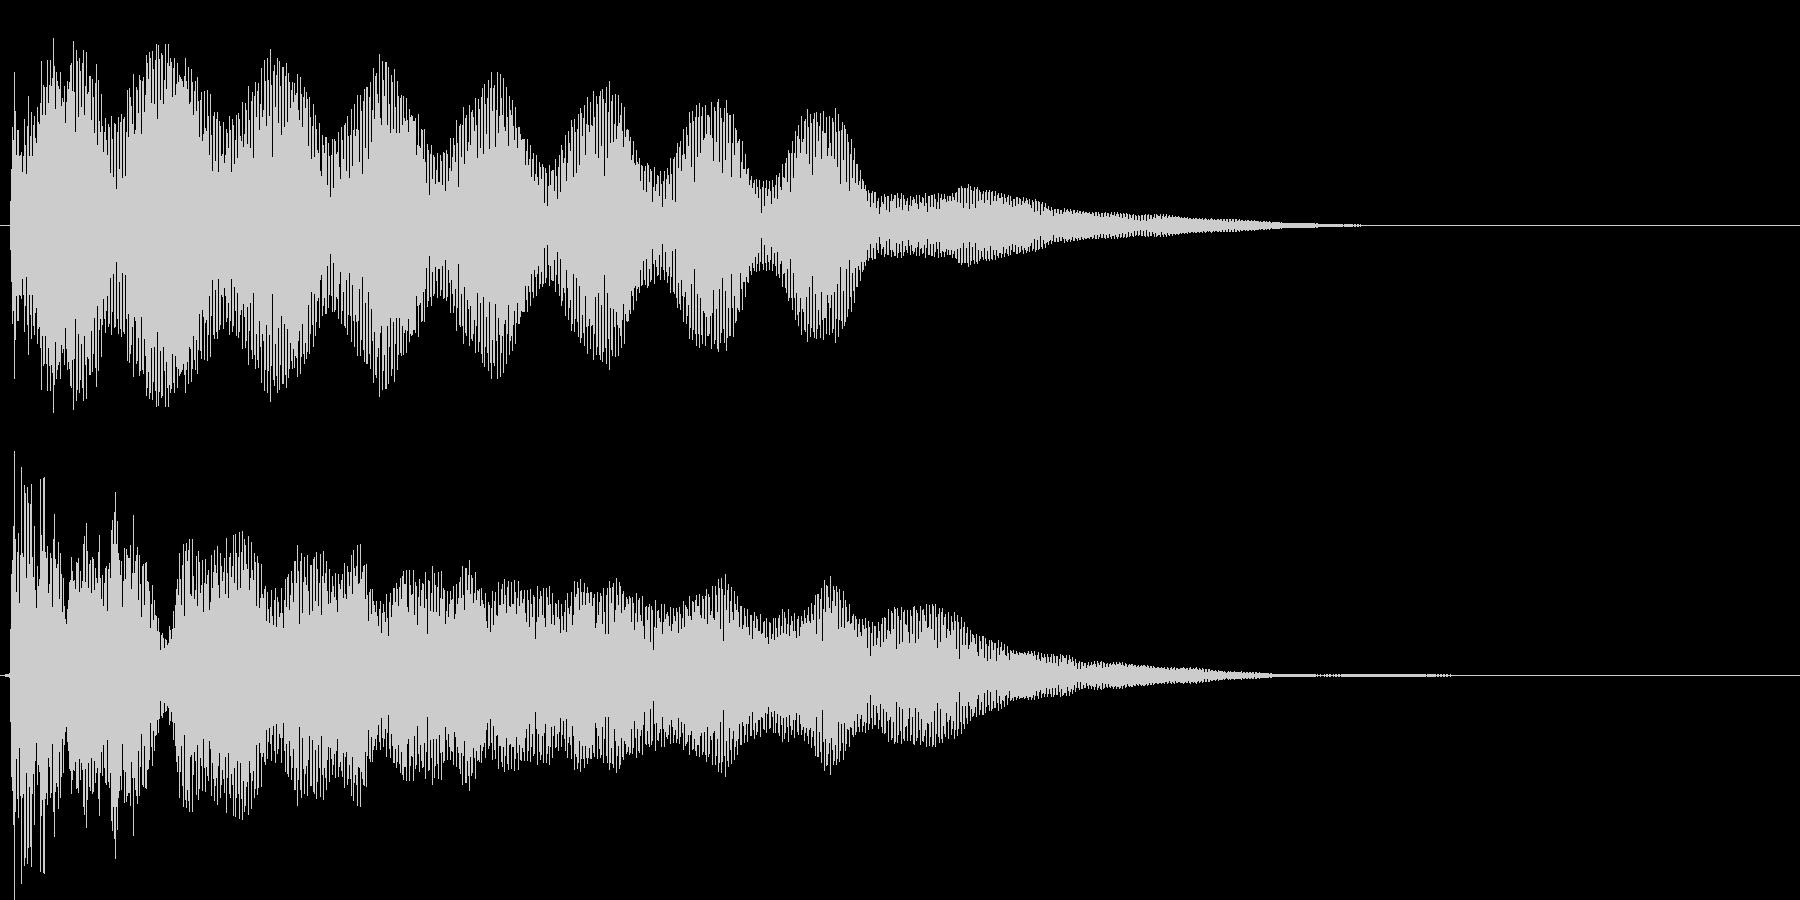 タァーーーの未再生の波形